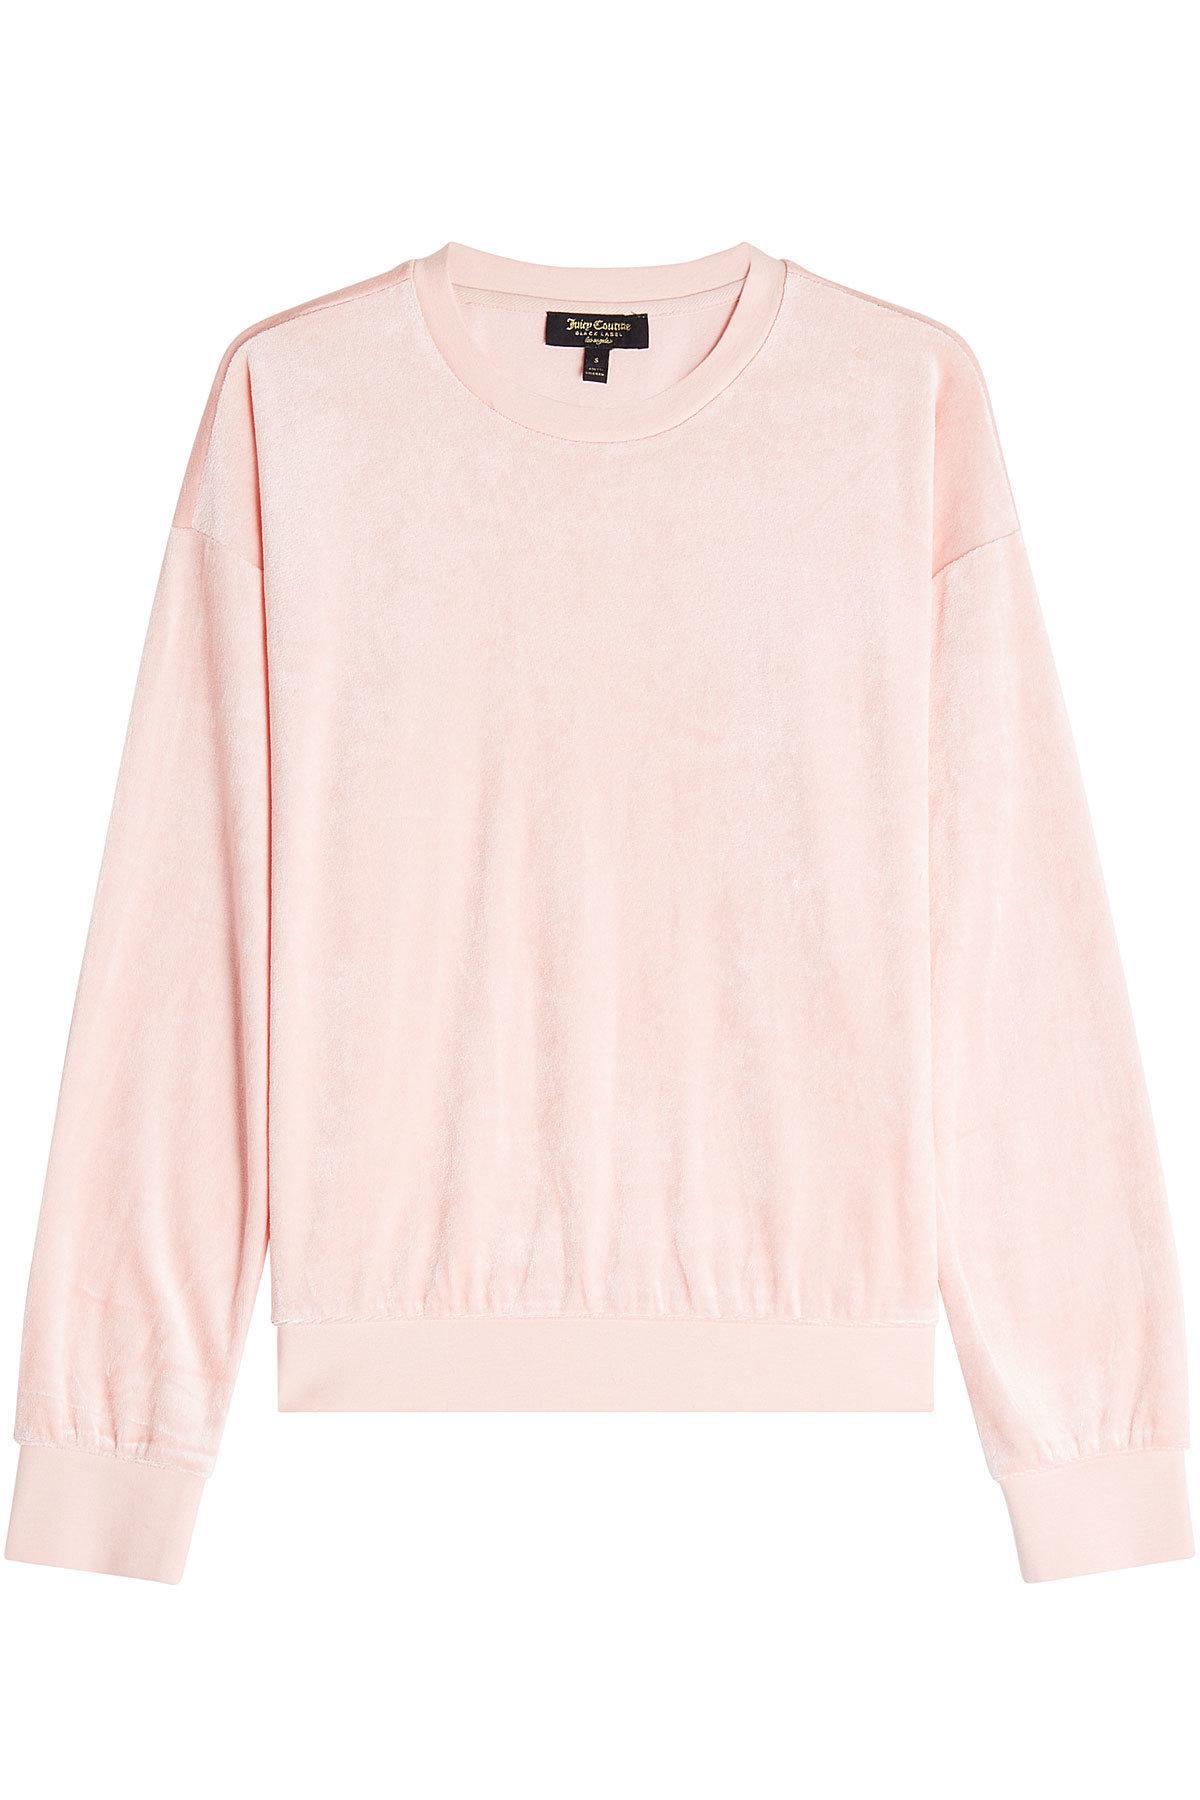 Juicy Couture Velour Sweatshirt In Pink